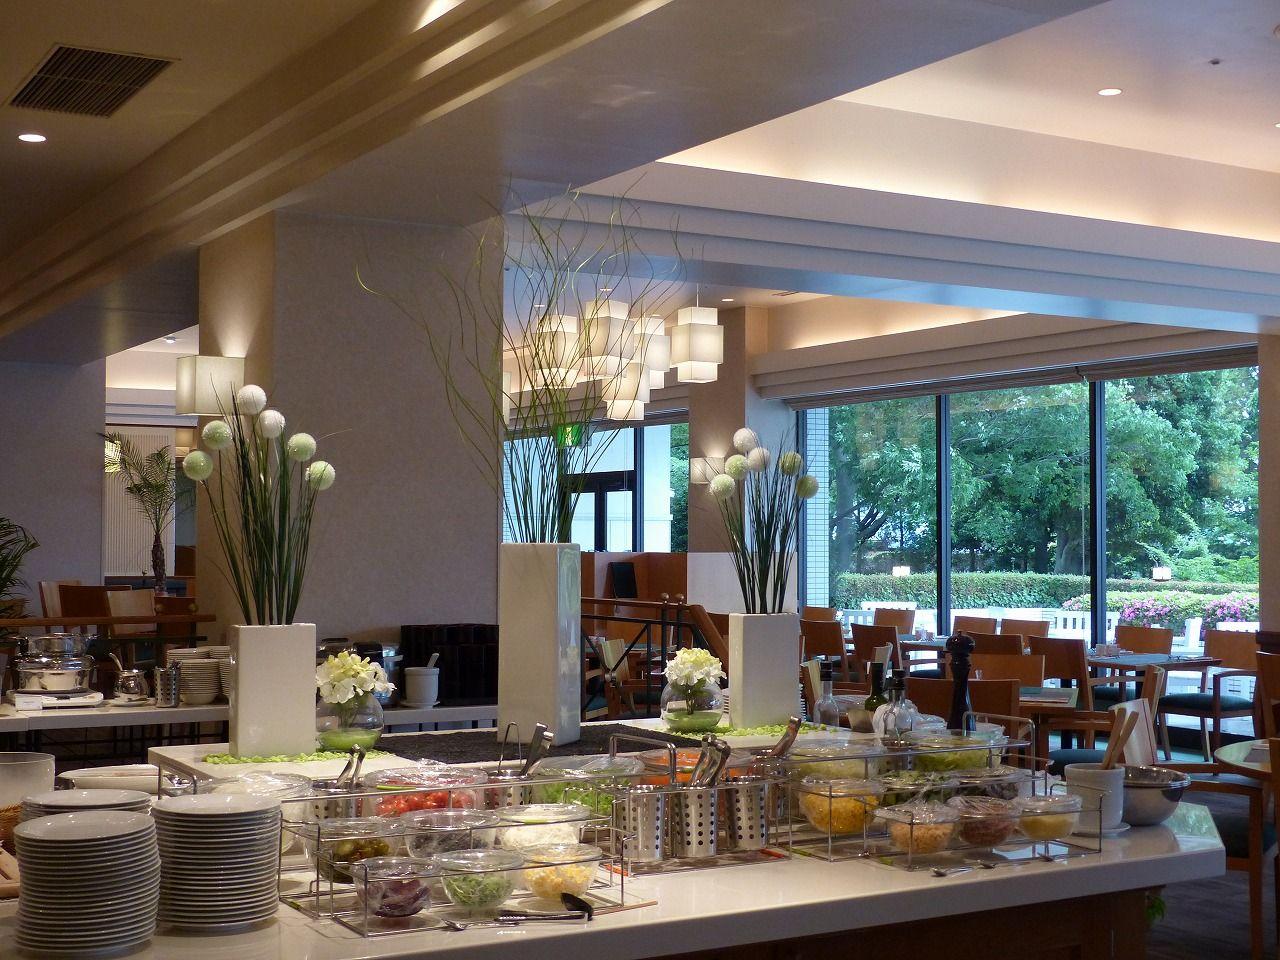 ラディソンホテル成田の朝食は、ヘルシー系からガッツリ系まで